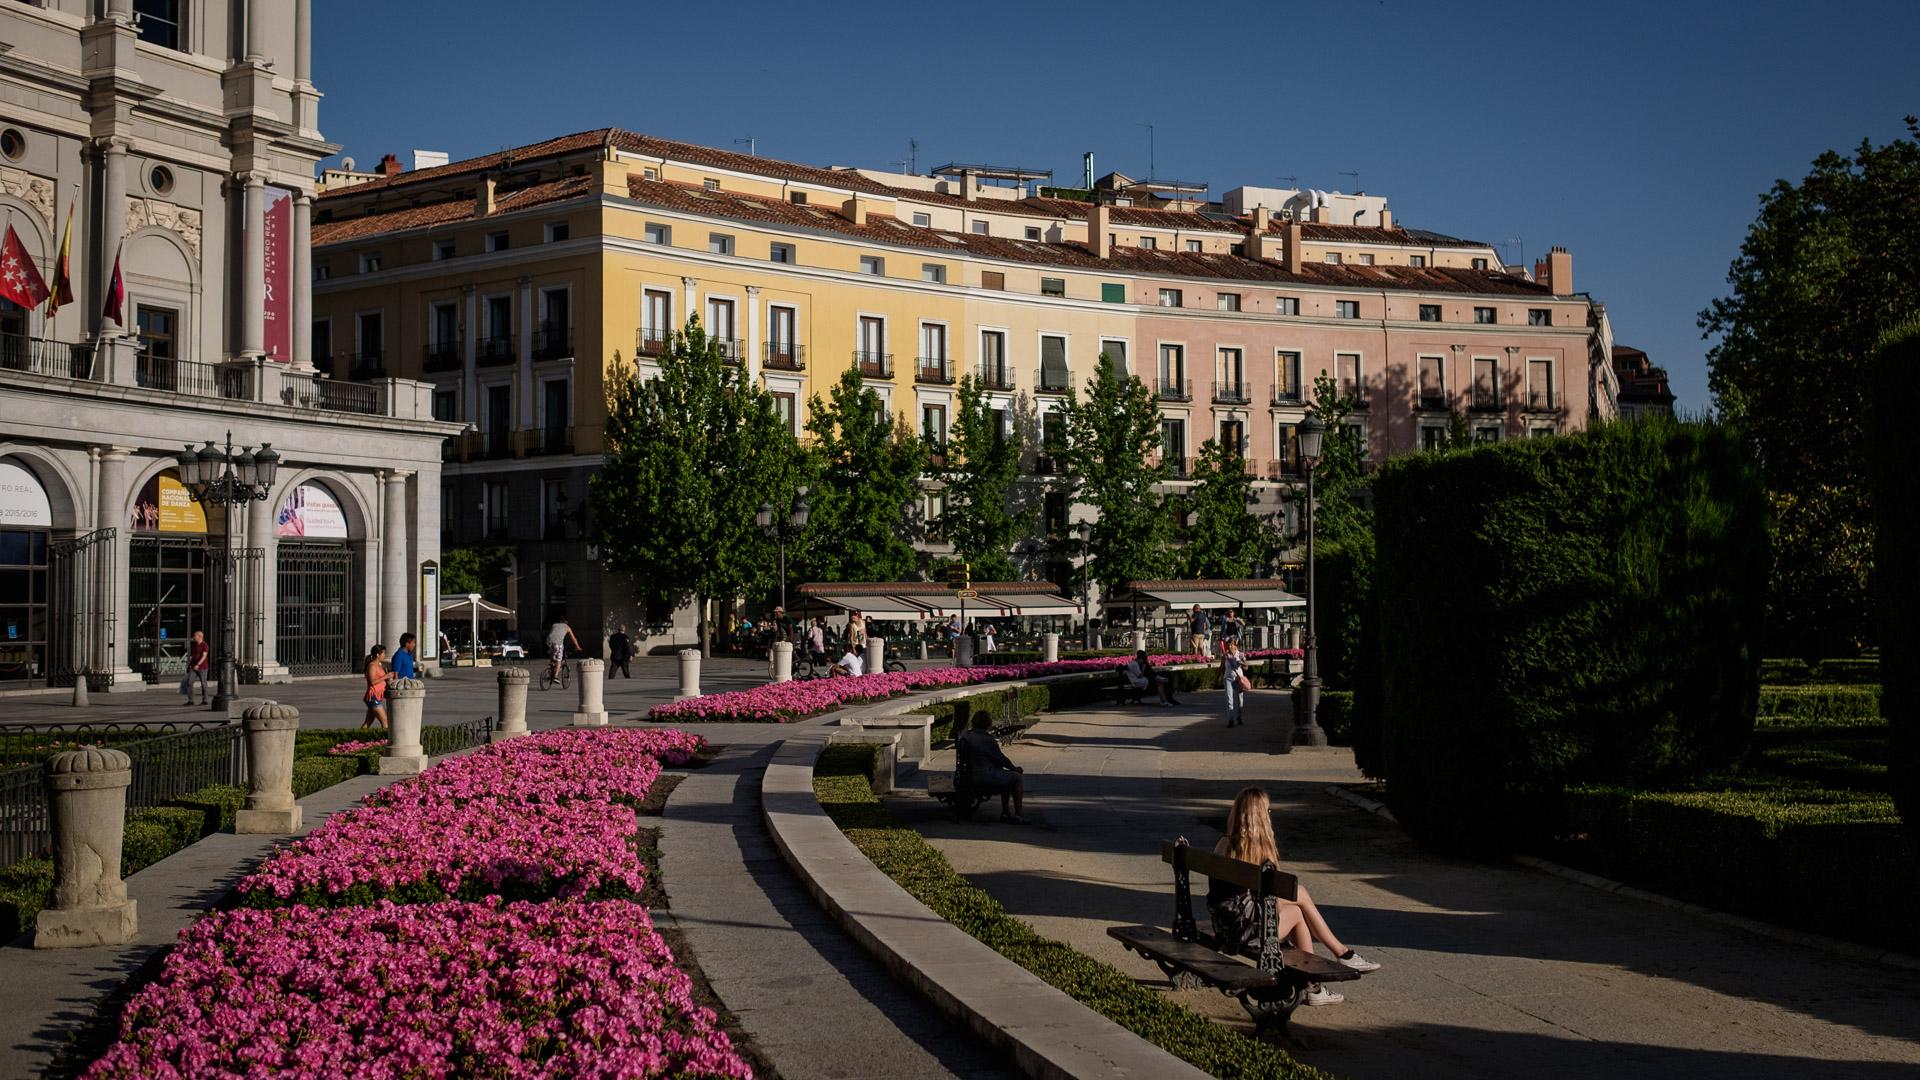 160624-Spain-Madrid-167-1080.jpg